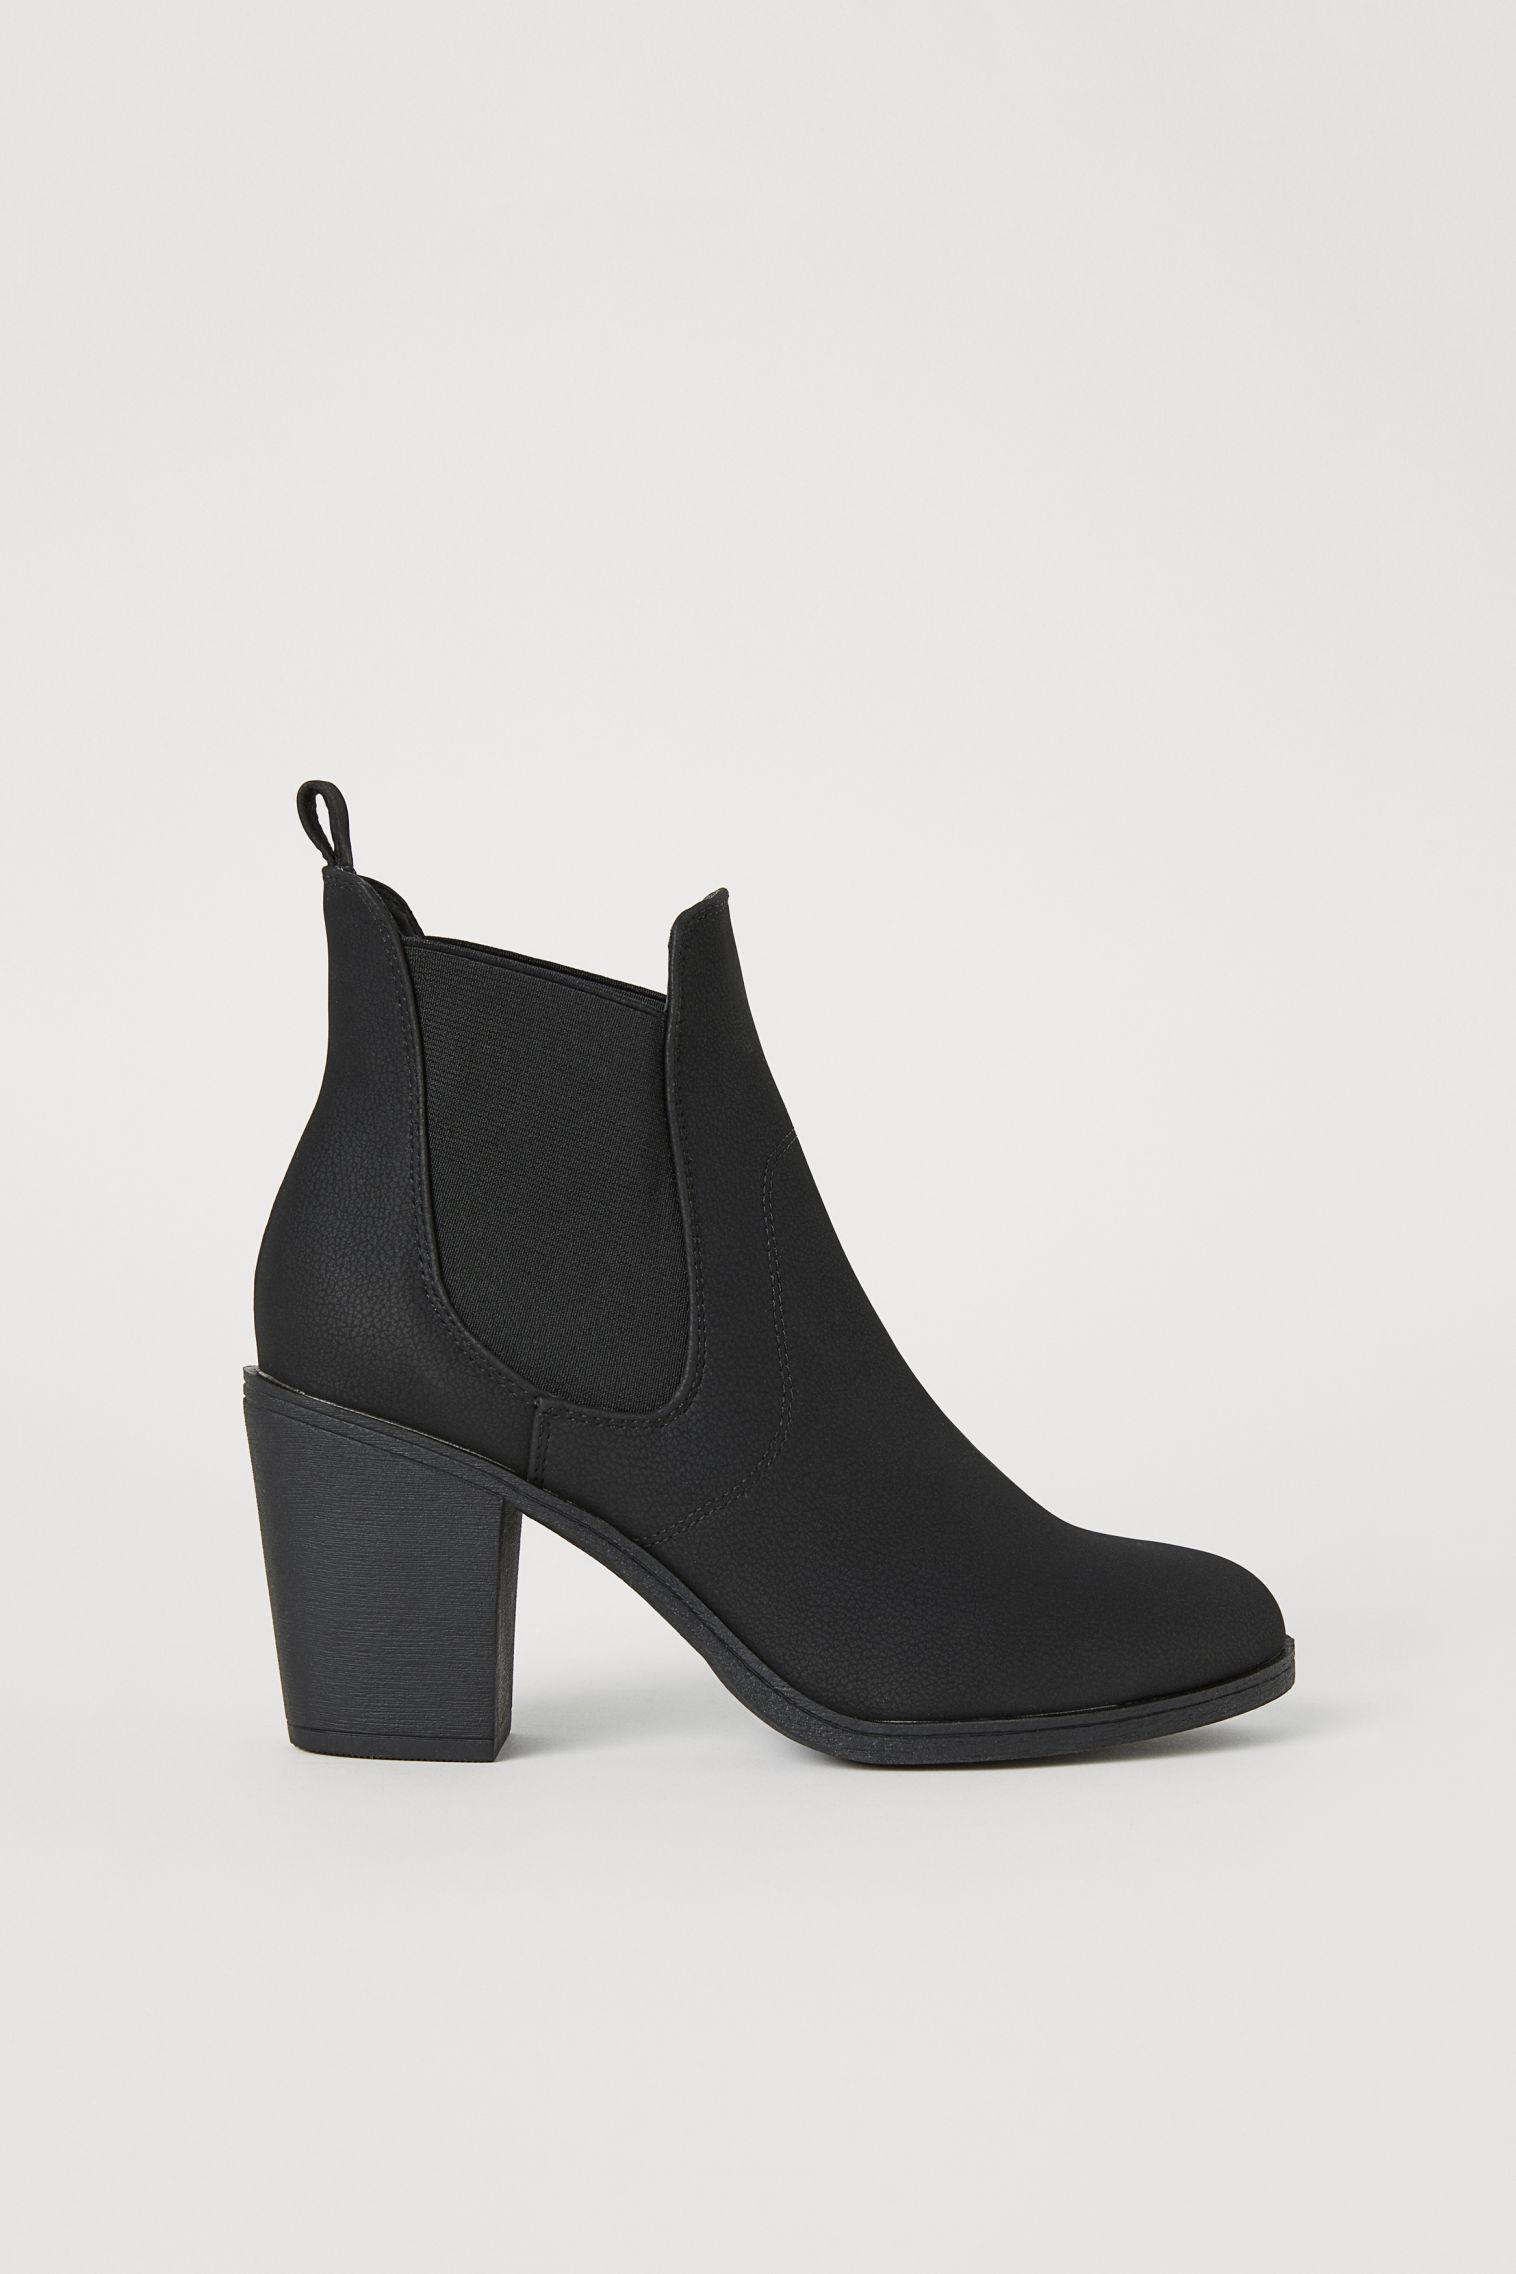 e0c592d20a9b Ankle boots ...